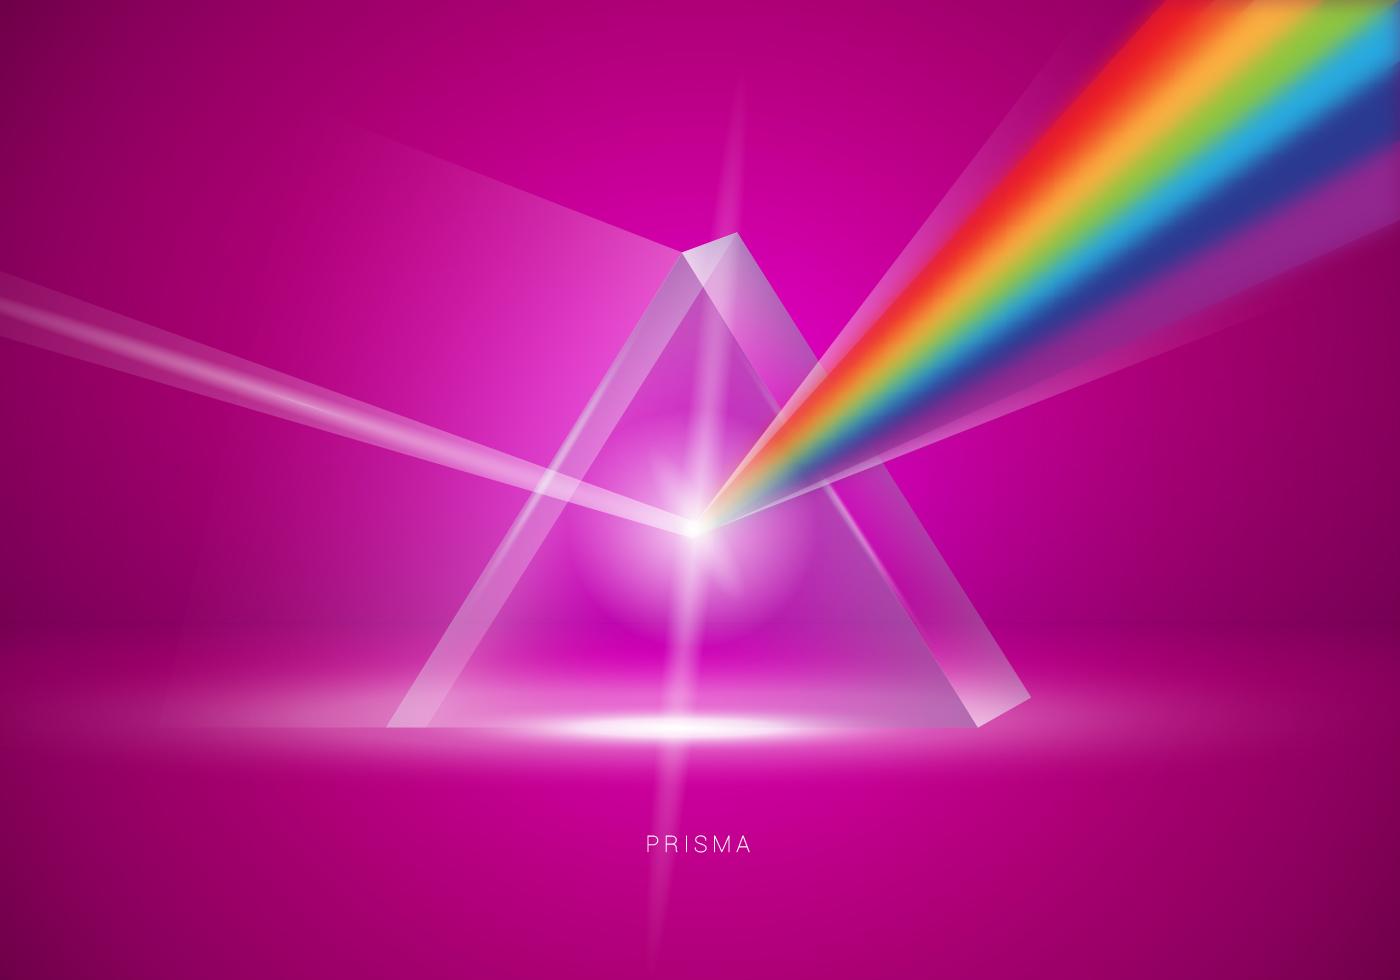 Cute Line Wallpaper Realistic Prisma Triangle Vector Illustration Download